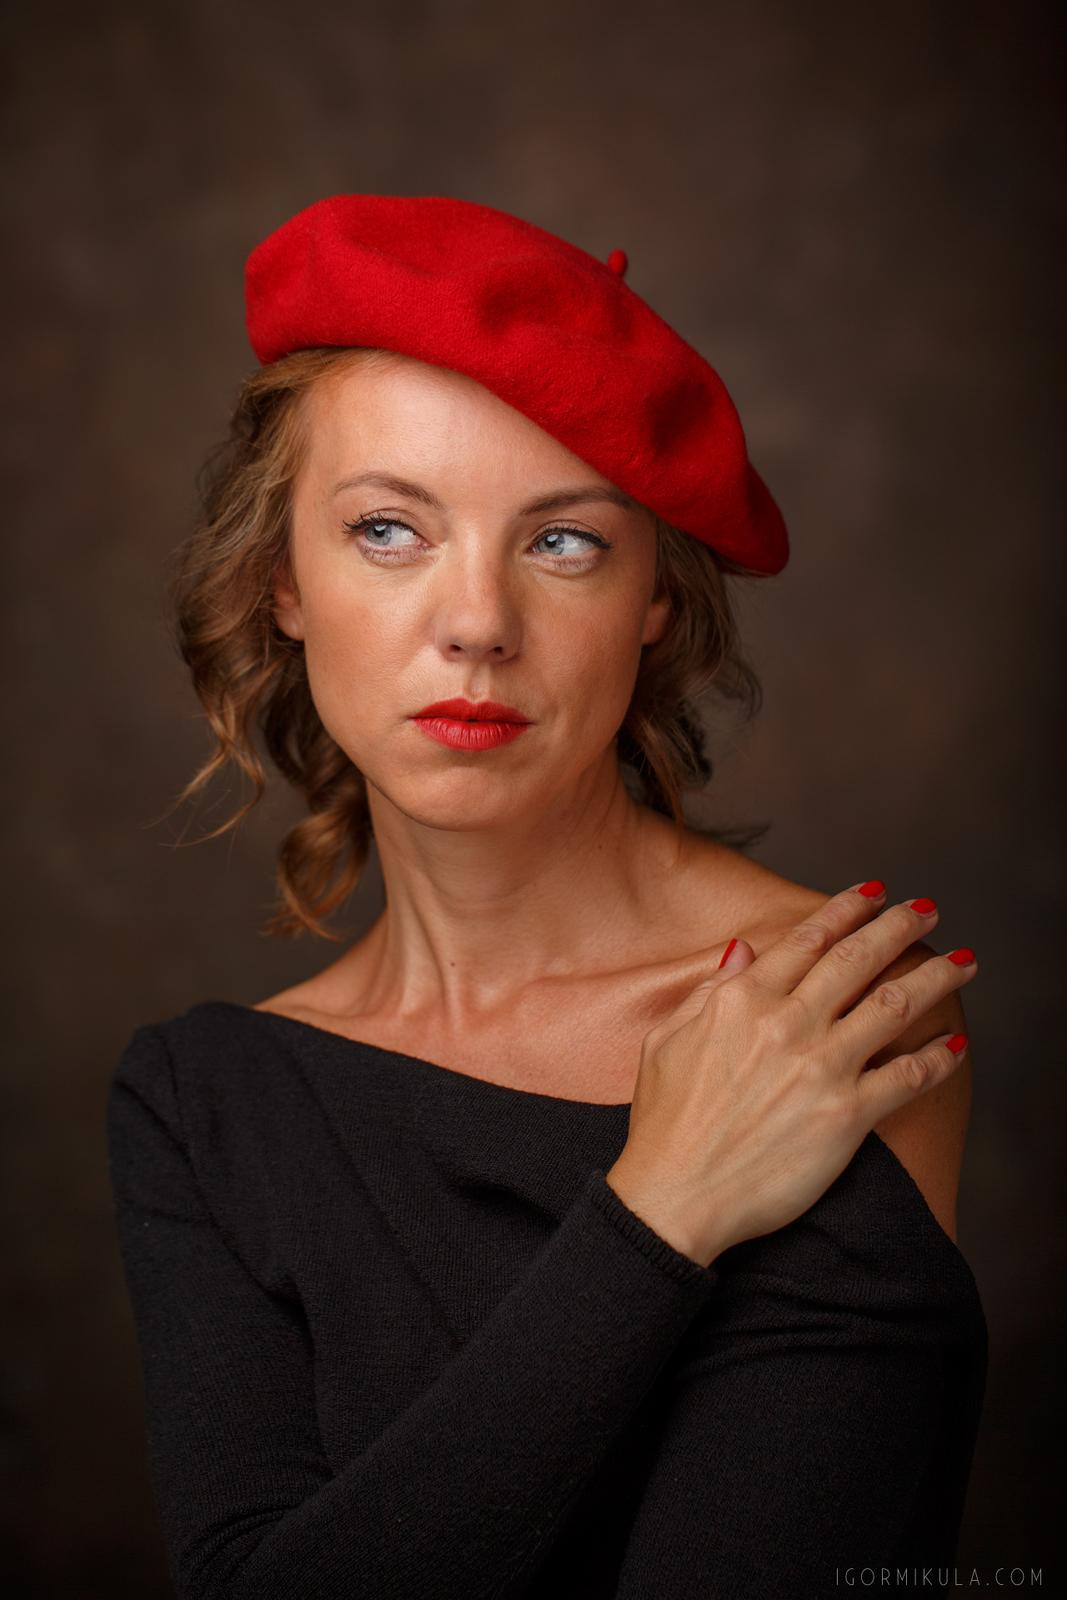 mornstlu - Make-up, vlásky a styling. Focení s krásnou Janičkou a Igorem Mikulou.